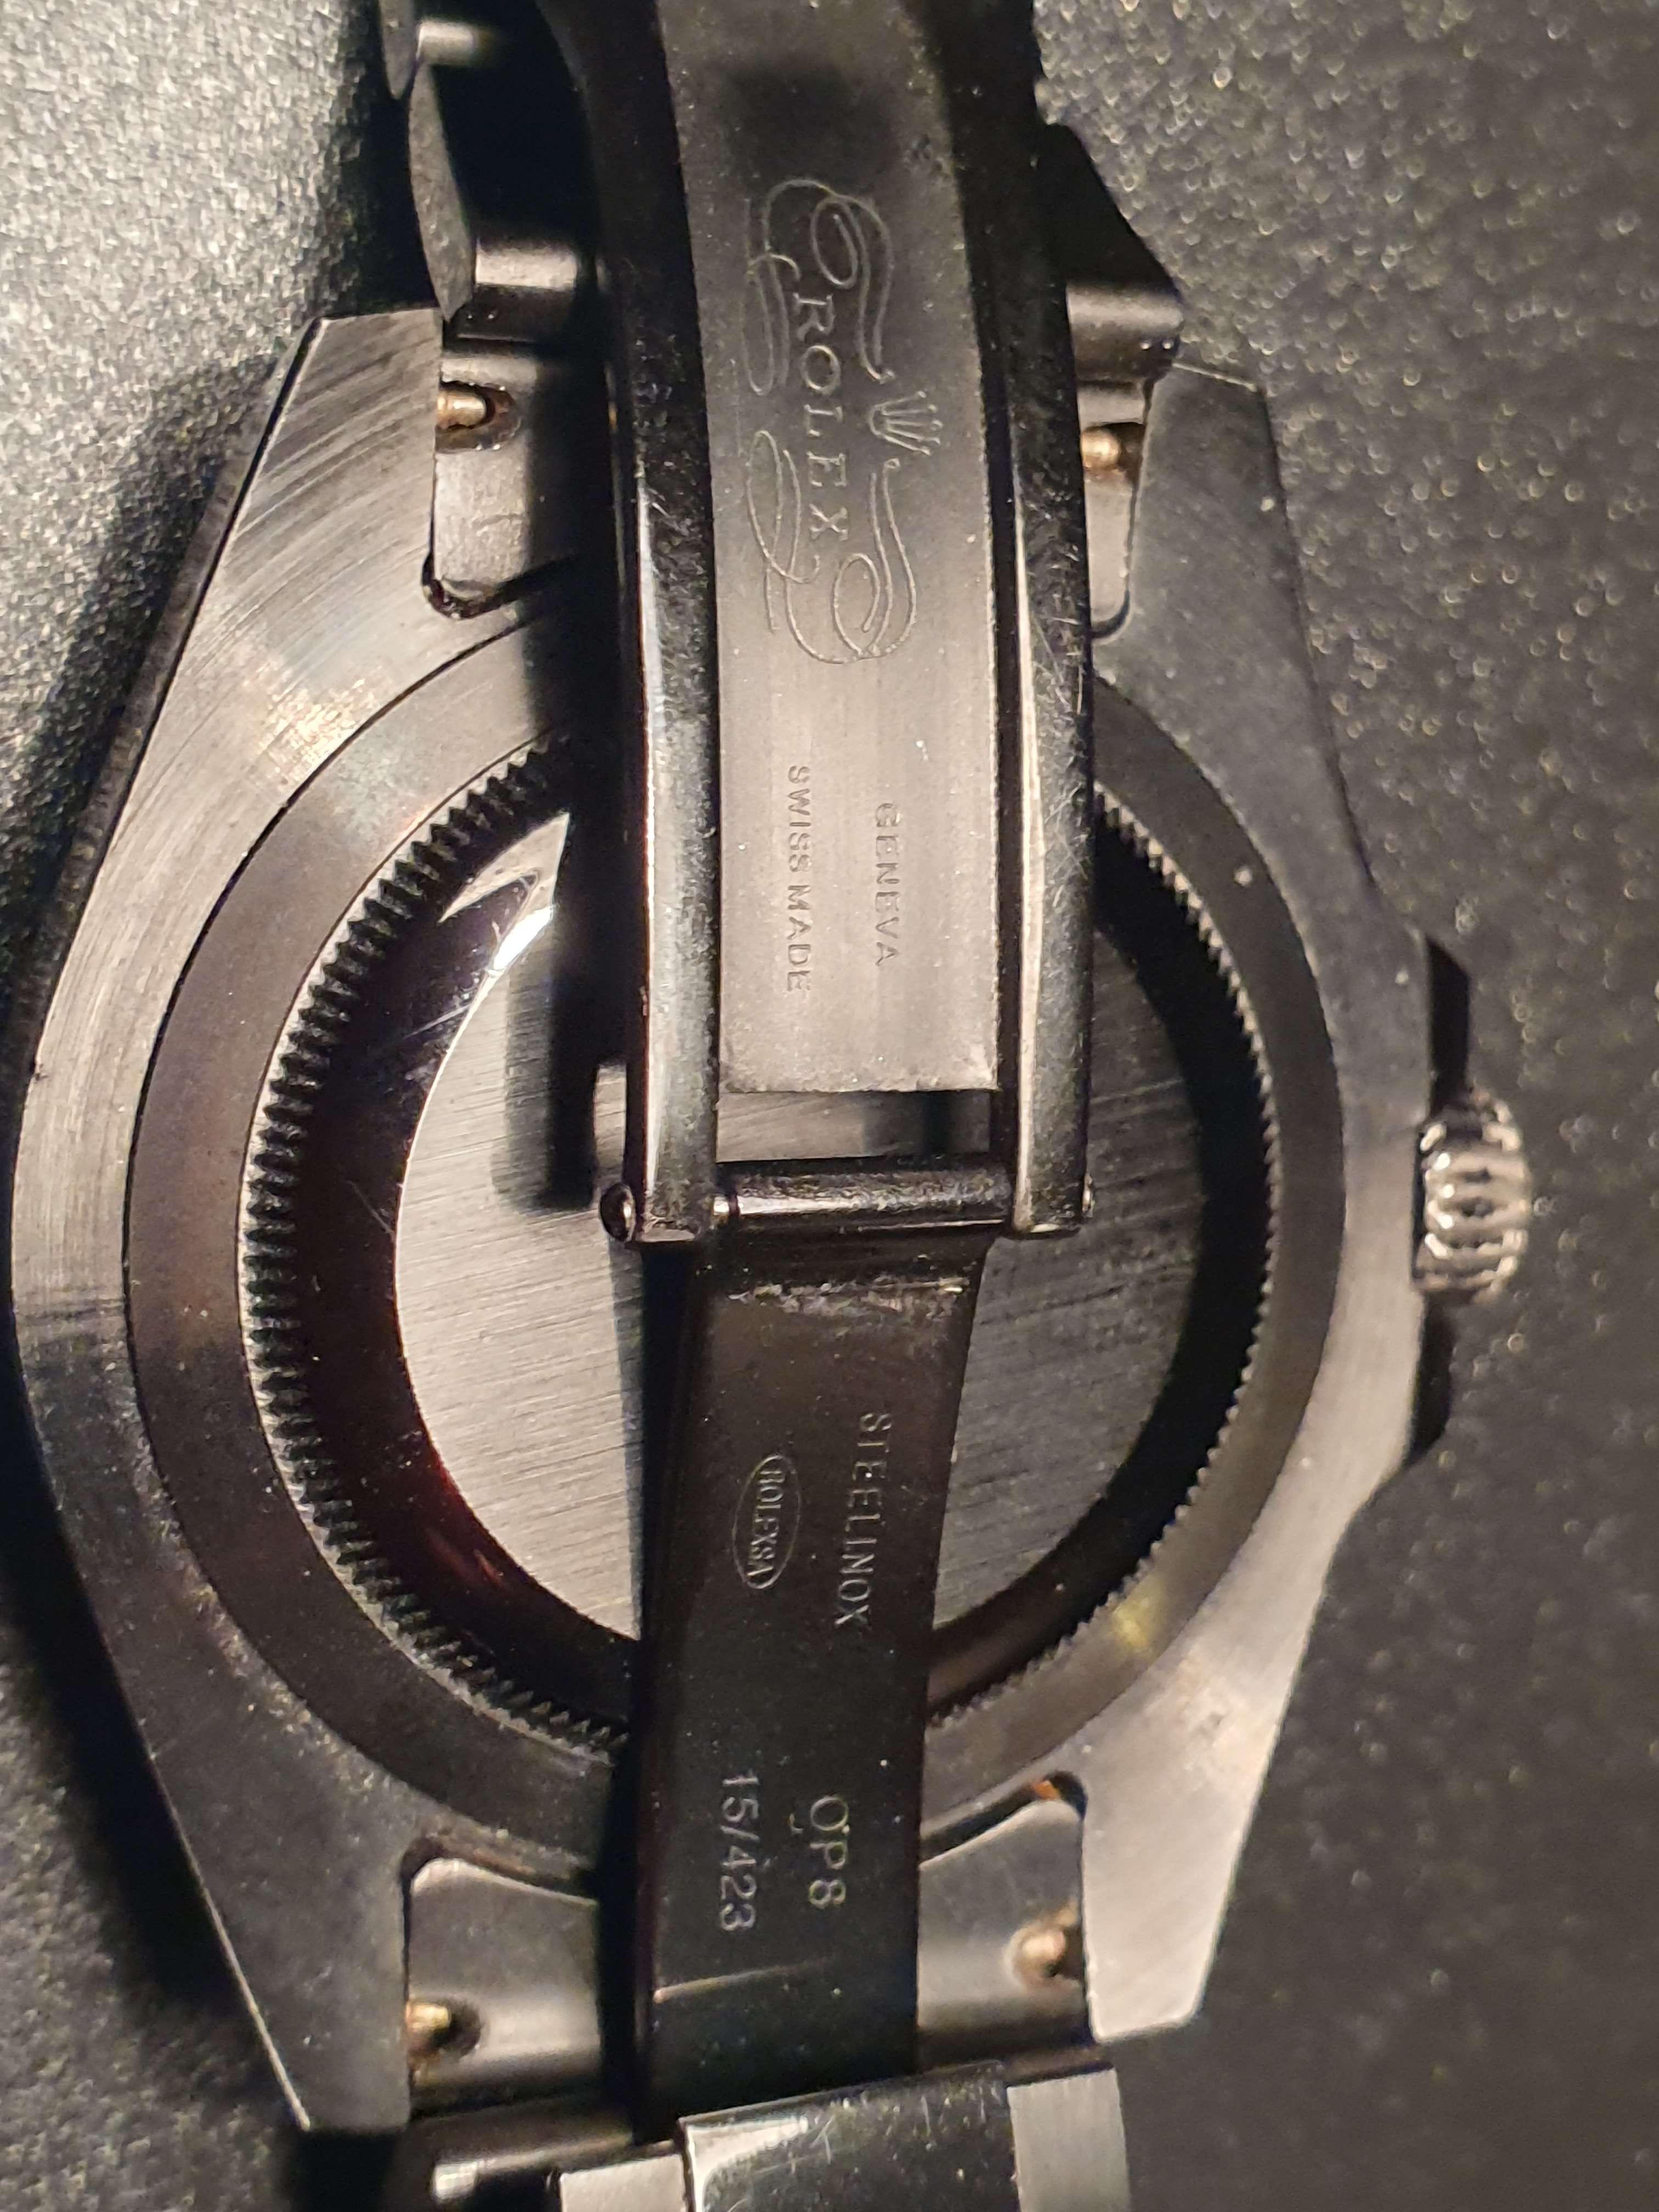 ΕΠΙΣΚΕΥΗ ROLEX - Ρολόγια Replica